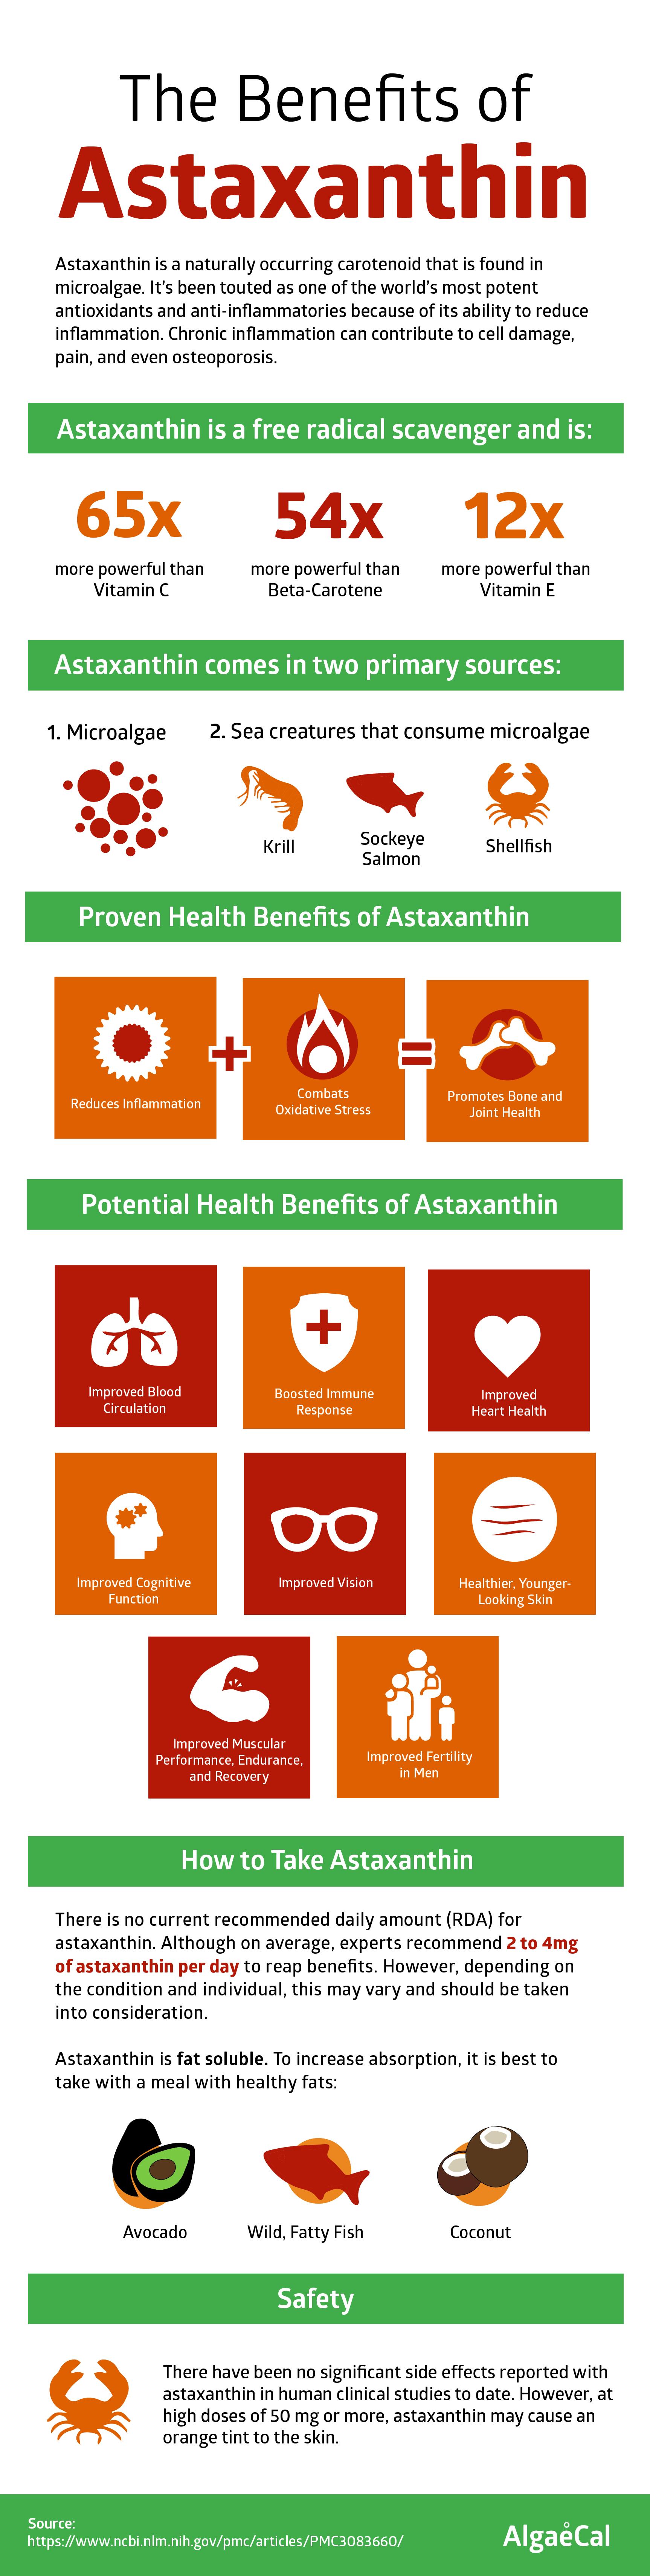 Astaxanthin Benefits